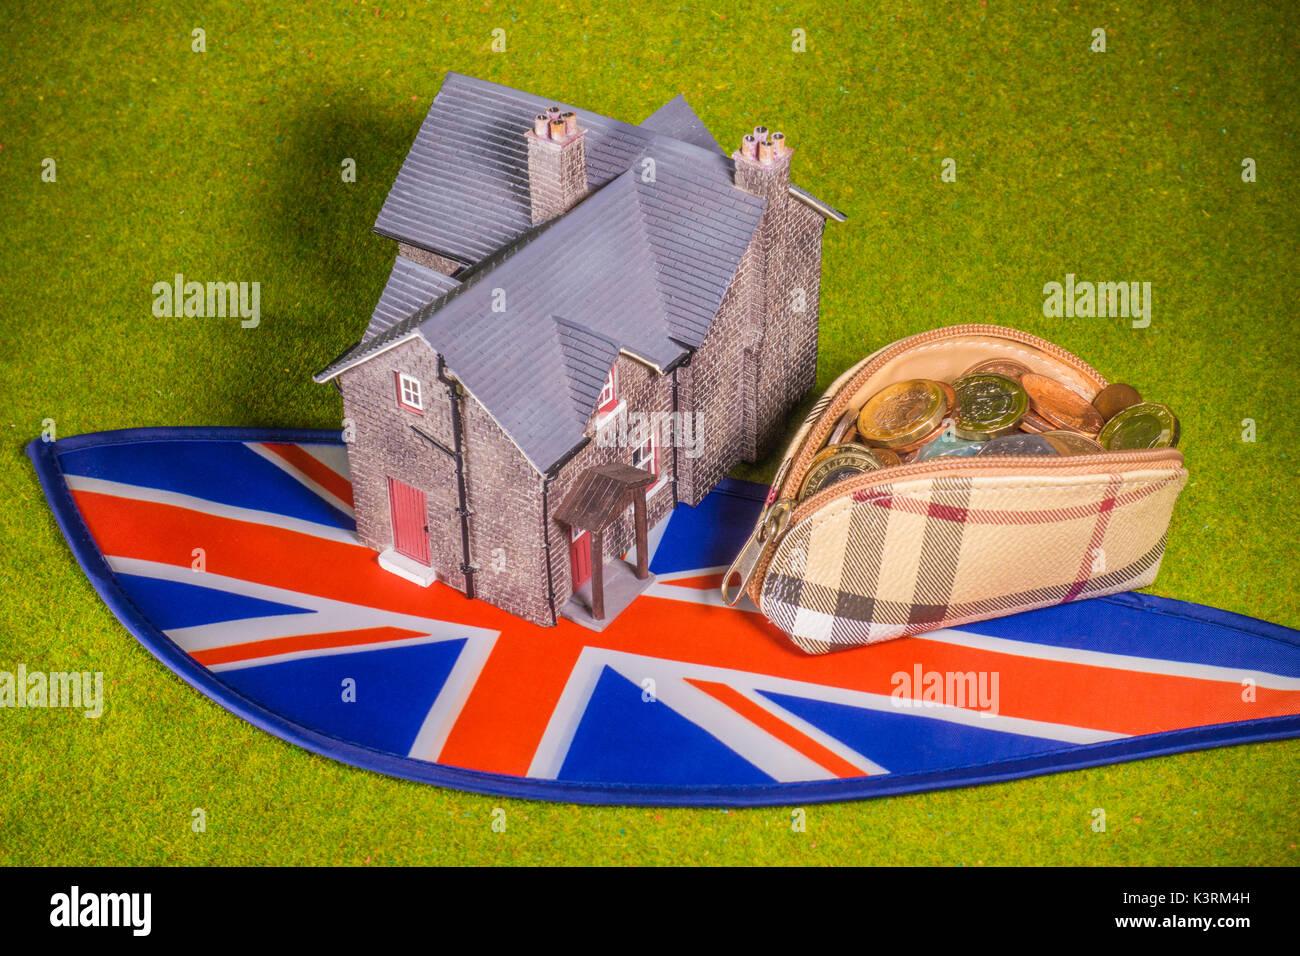 Modell Haus, Geldbörse mit Sterling Münzen (mit neuen £1) und Union Jack, darzustellen, wie eine Stockbild